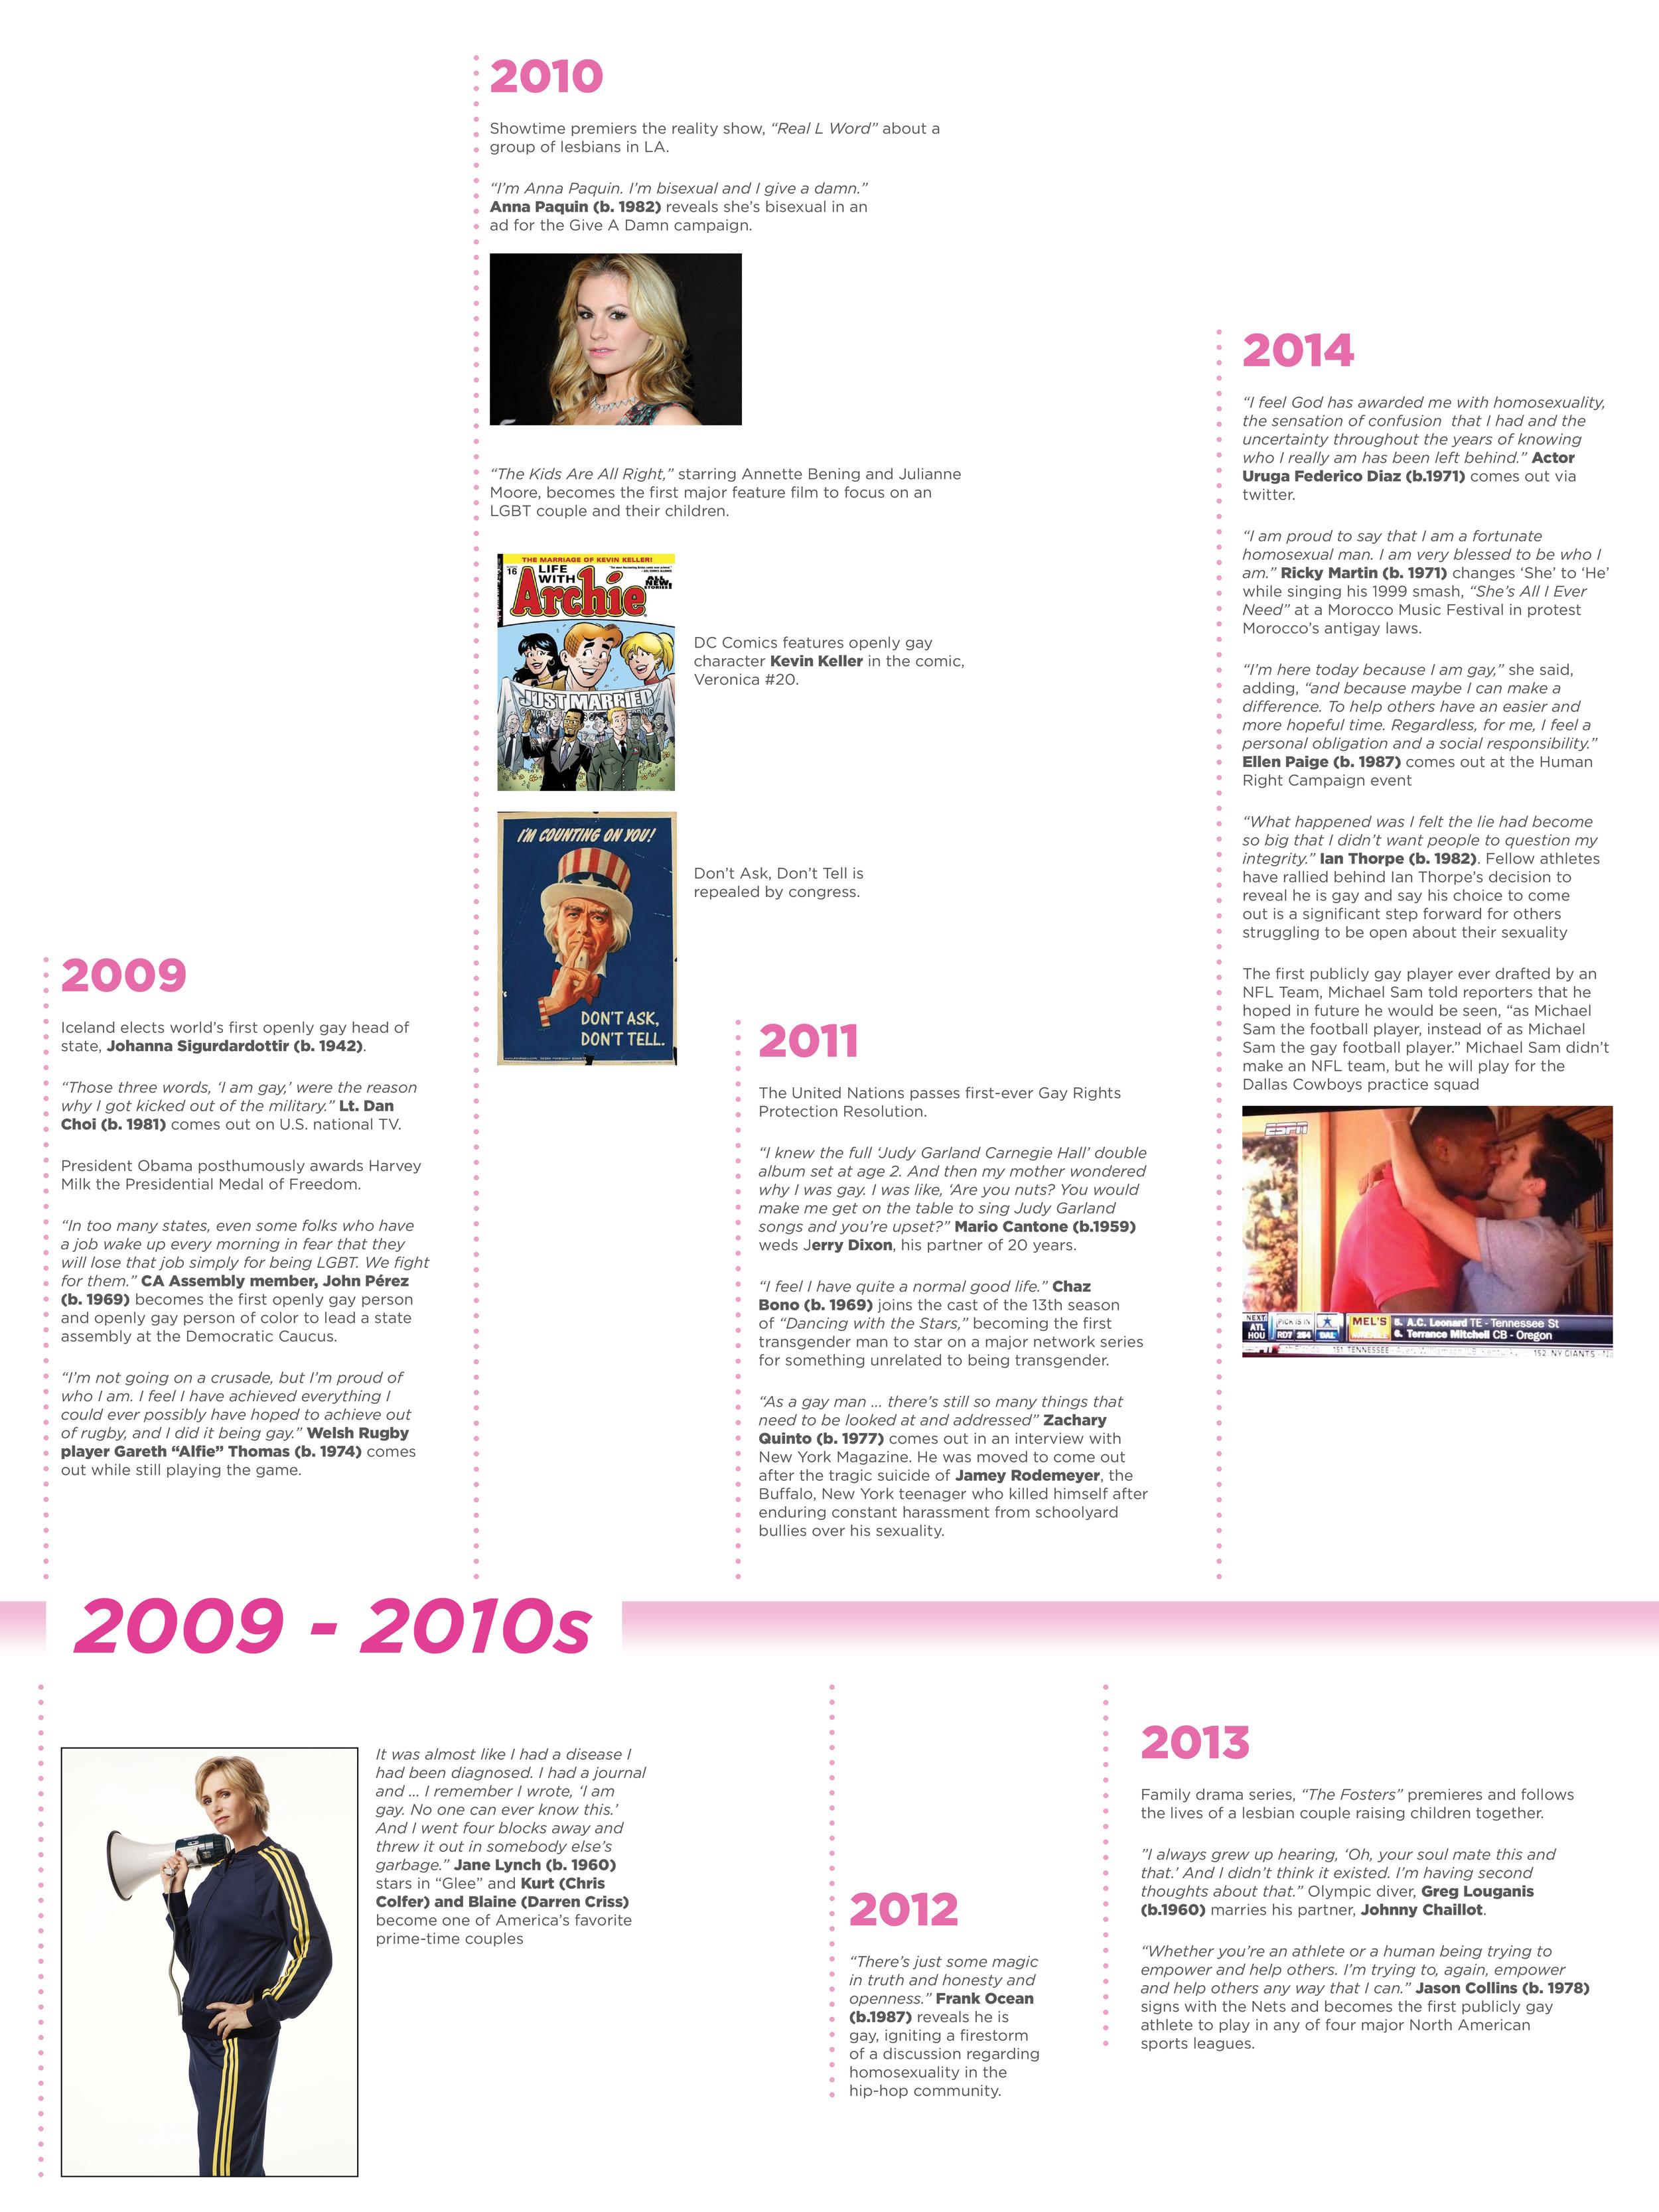 TimelinePosters7.jpg